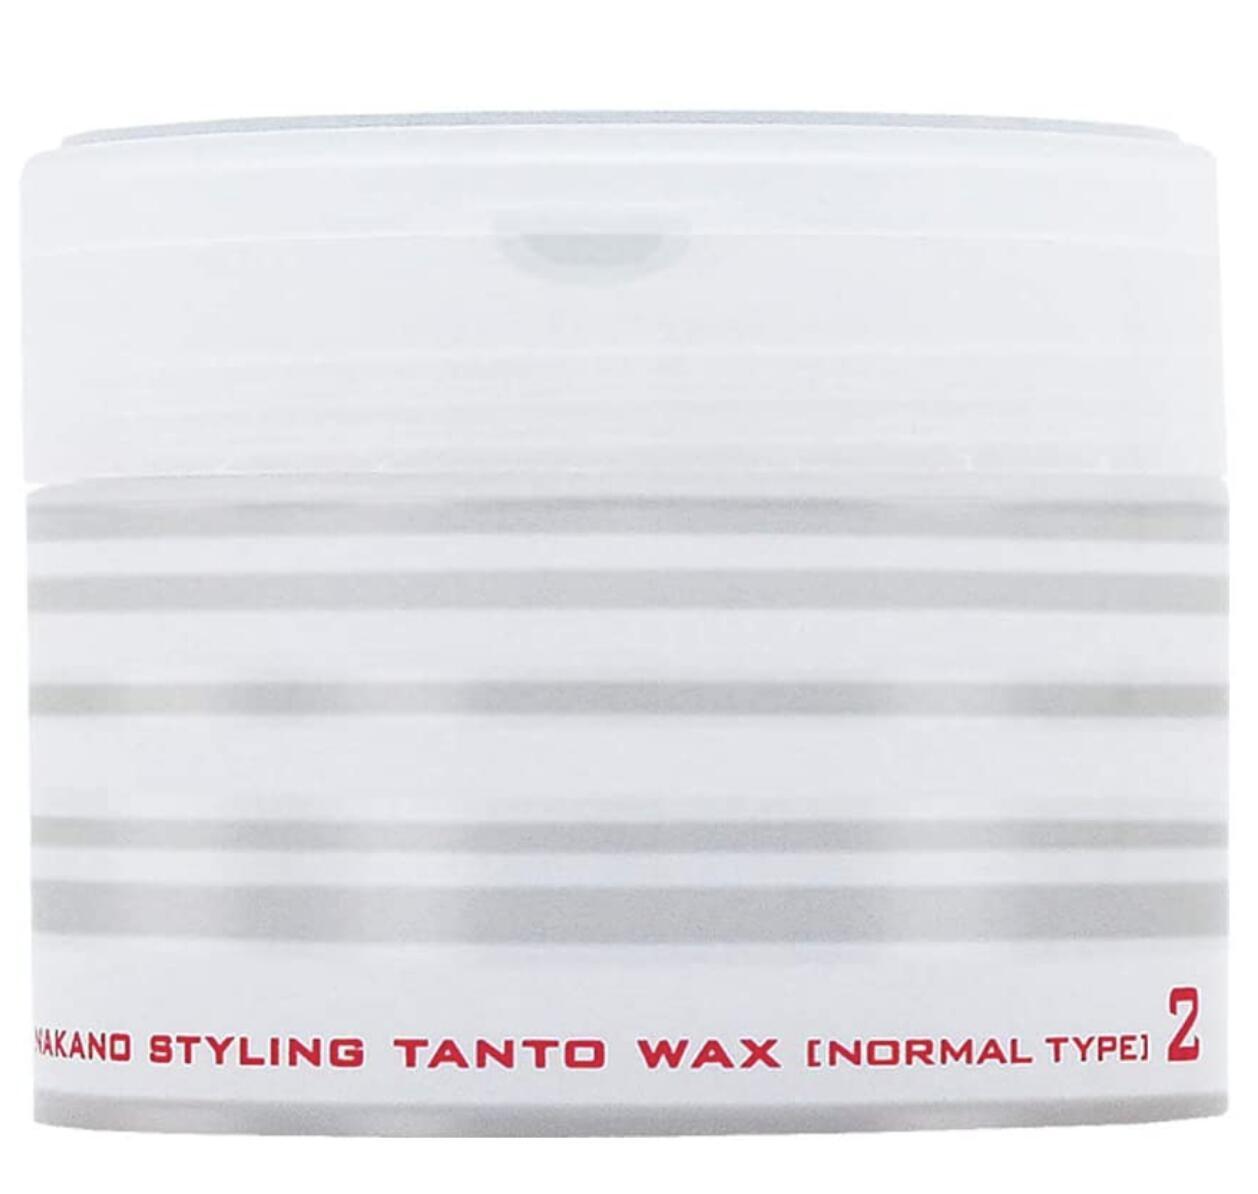 ナチュラルな毛先の動きと毛束感を演出するヘアワックス ナカノ 限定特価 スタイリング タント 2個セット トラスト ワックスN?ノーマルタイプ2?90g